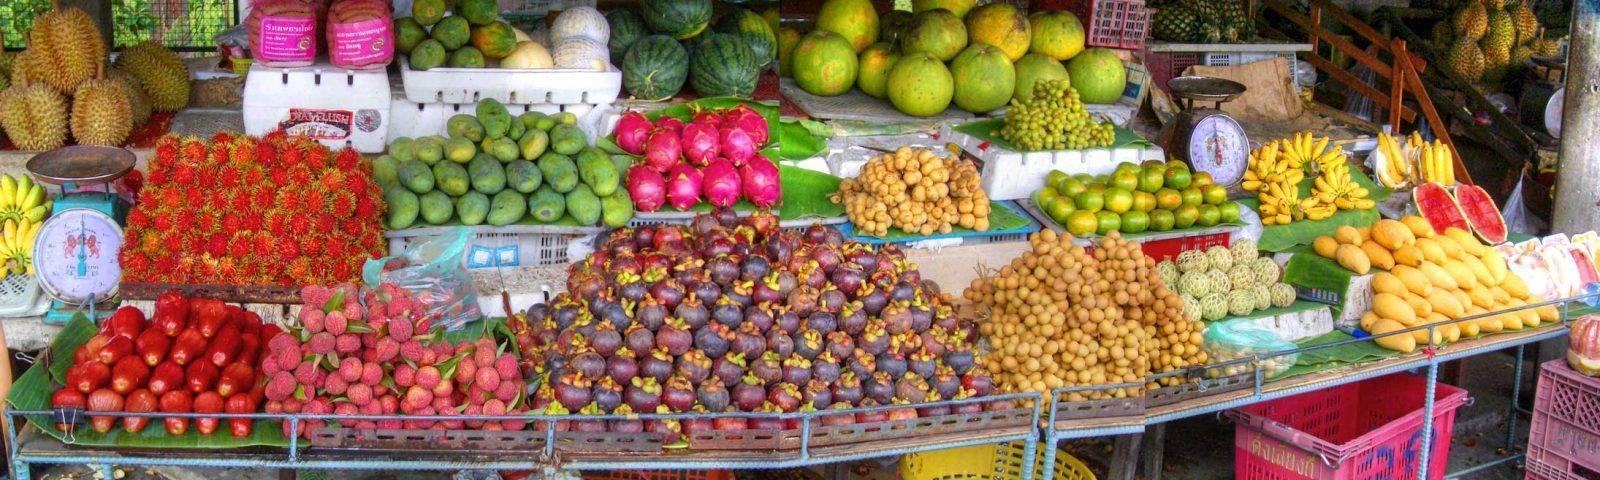 Какие фрукты нельзя вывозить из таиланда в 2021 ???? подробный список запрещенных к вывозу плодов